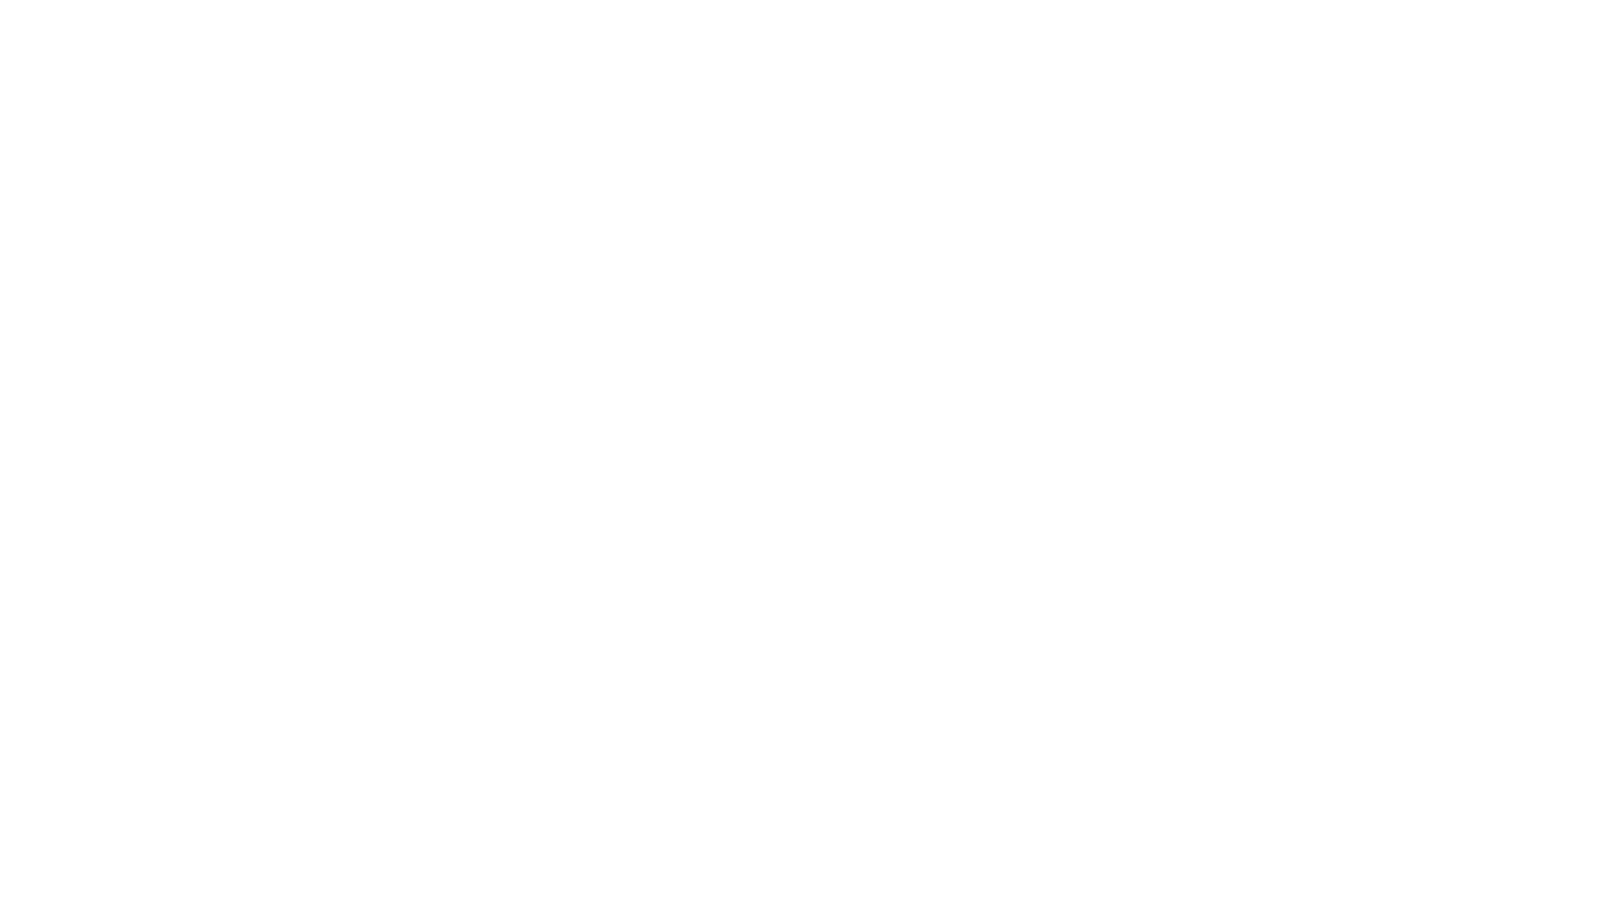 Hoje quem vem dar o recado é o Doutor Amilton Faria. Assista e compartilhe conosco nos comentários suas dúvidas e experiências.  Siga-nos nas redes sociais!  IG: https://www.instagram.com/diabetes.eu   ...  Facebook: https://www.facebook.com/nucleodediab   ...  IG: https://www.instagram.com/alexandramanfredini  Acesse o site e tenha acesso aos conteúdos que carinhosamente preparamos para você: www.diabeteseucuido.com.br